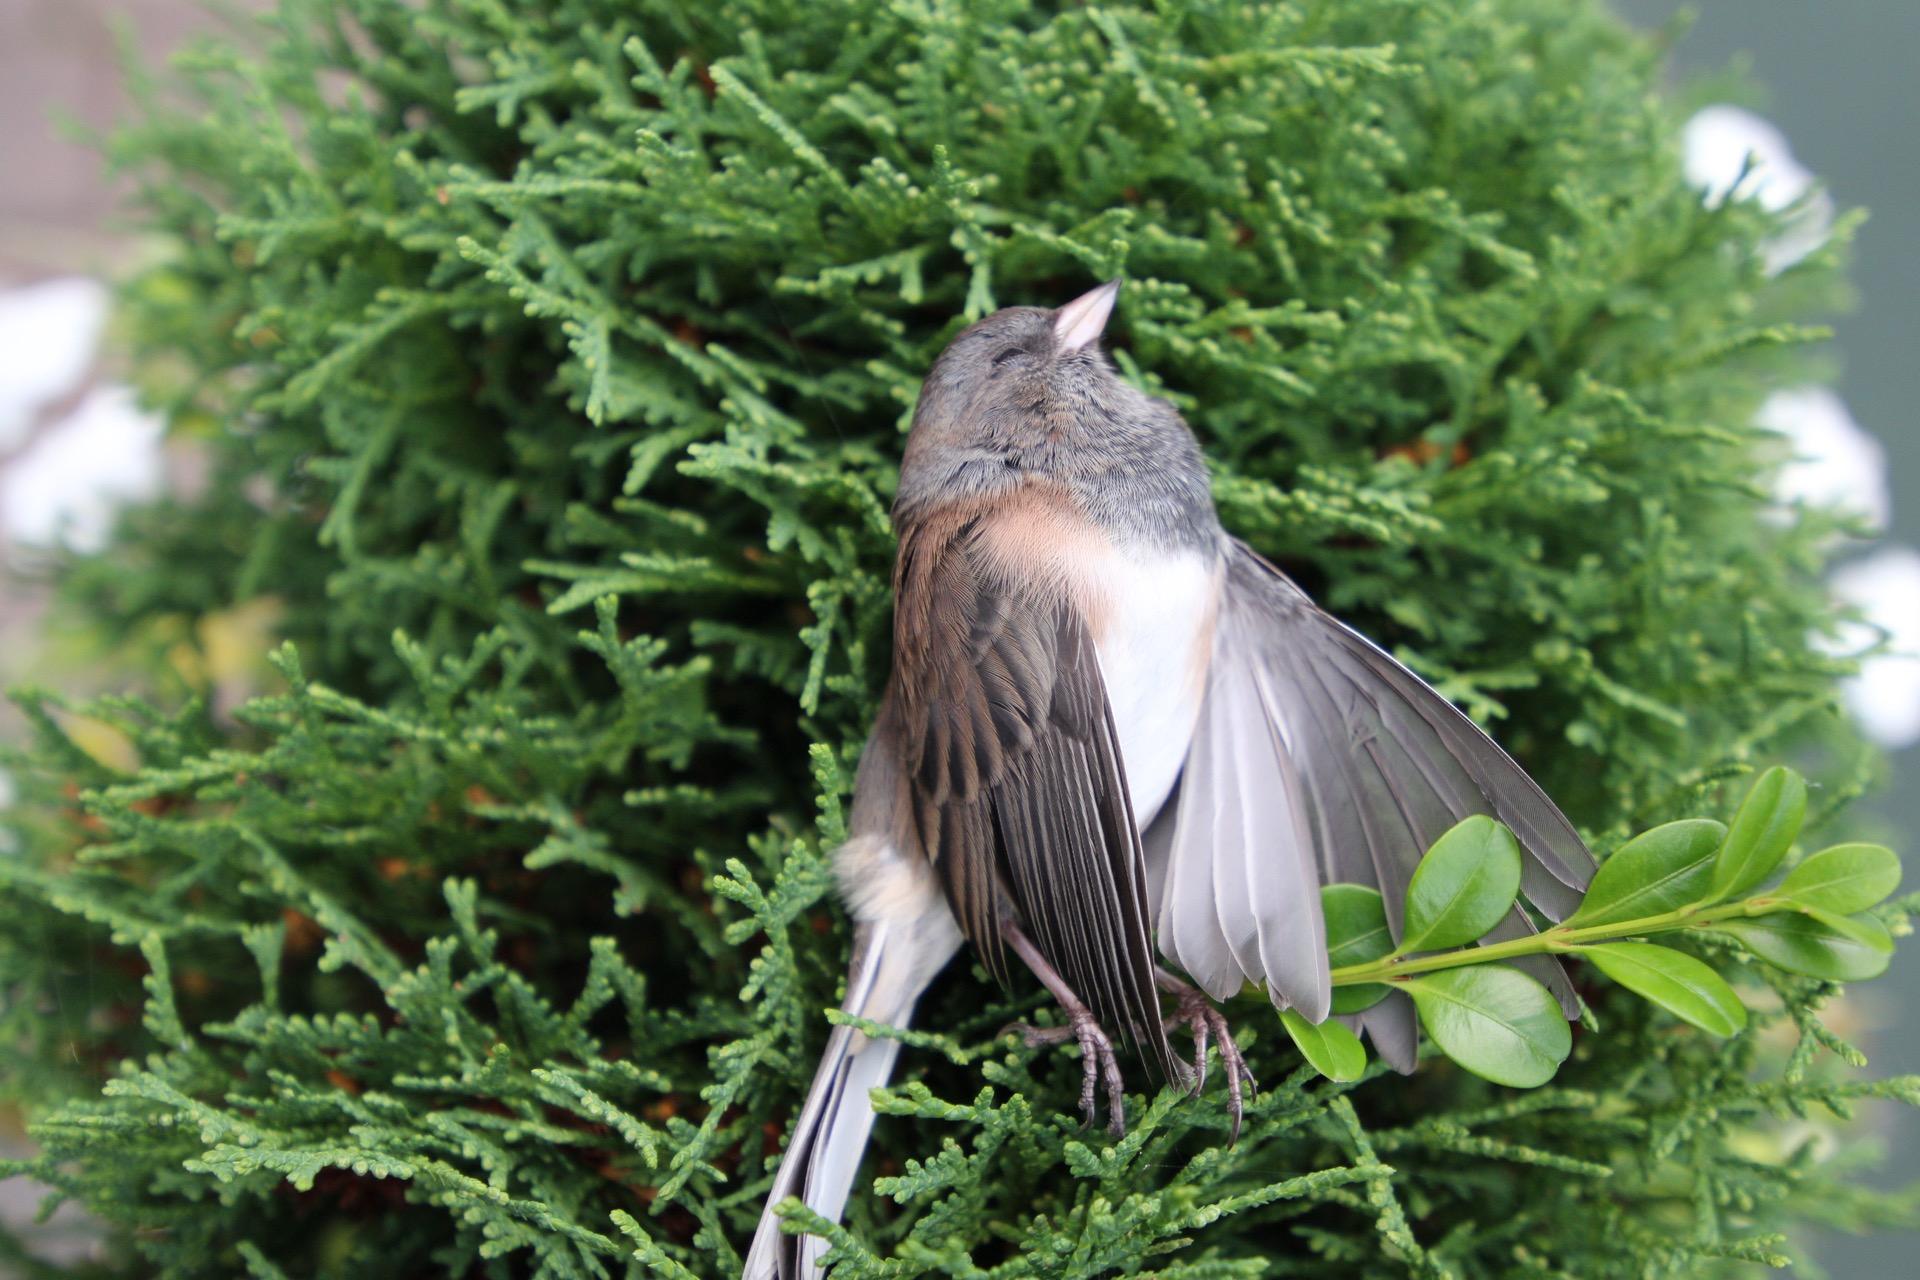 Bird Image OG.JPG